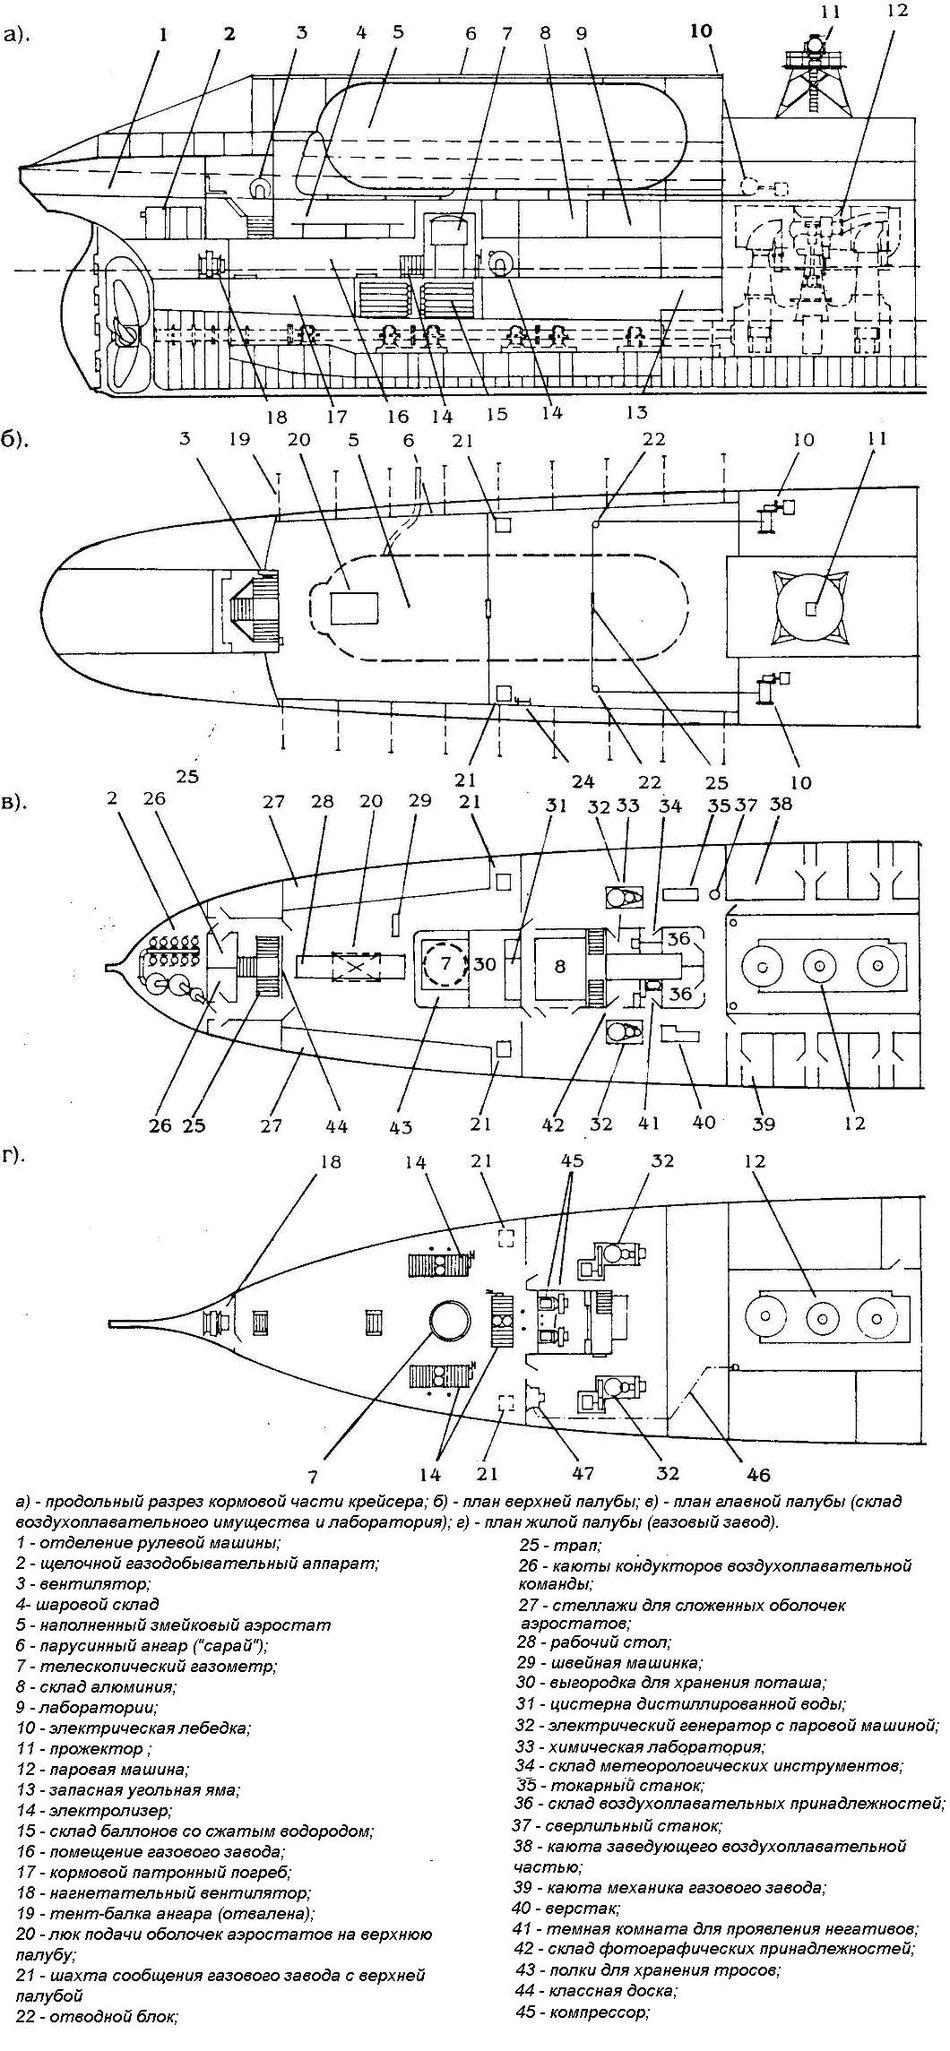 Размещение воздухоплавательного оборудования крейсера Русь